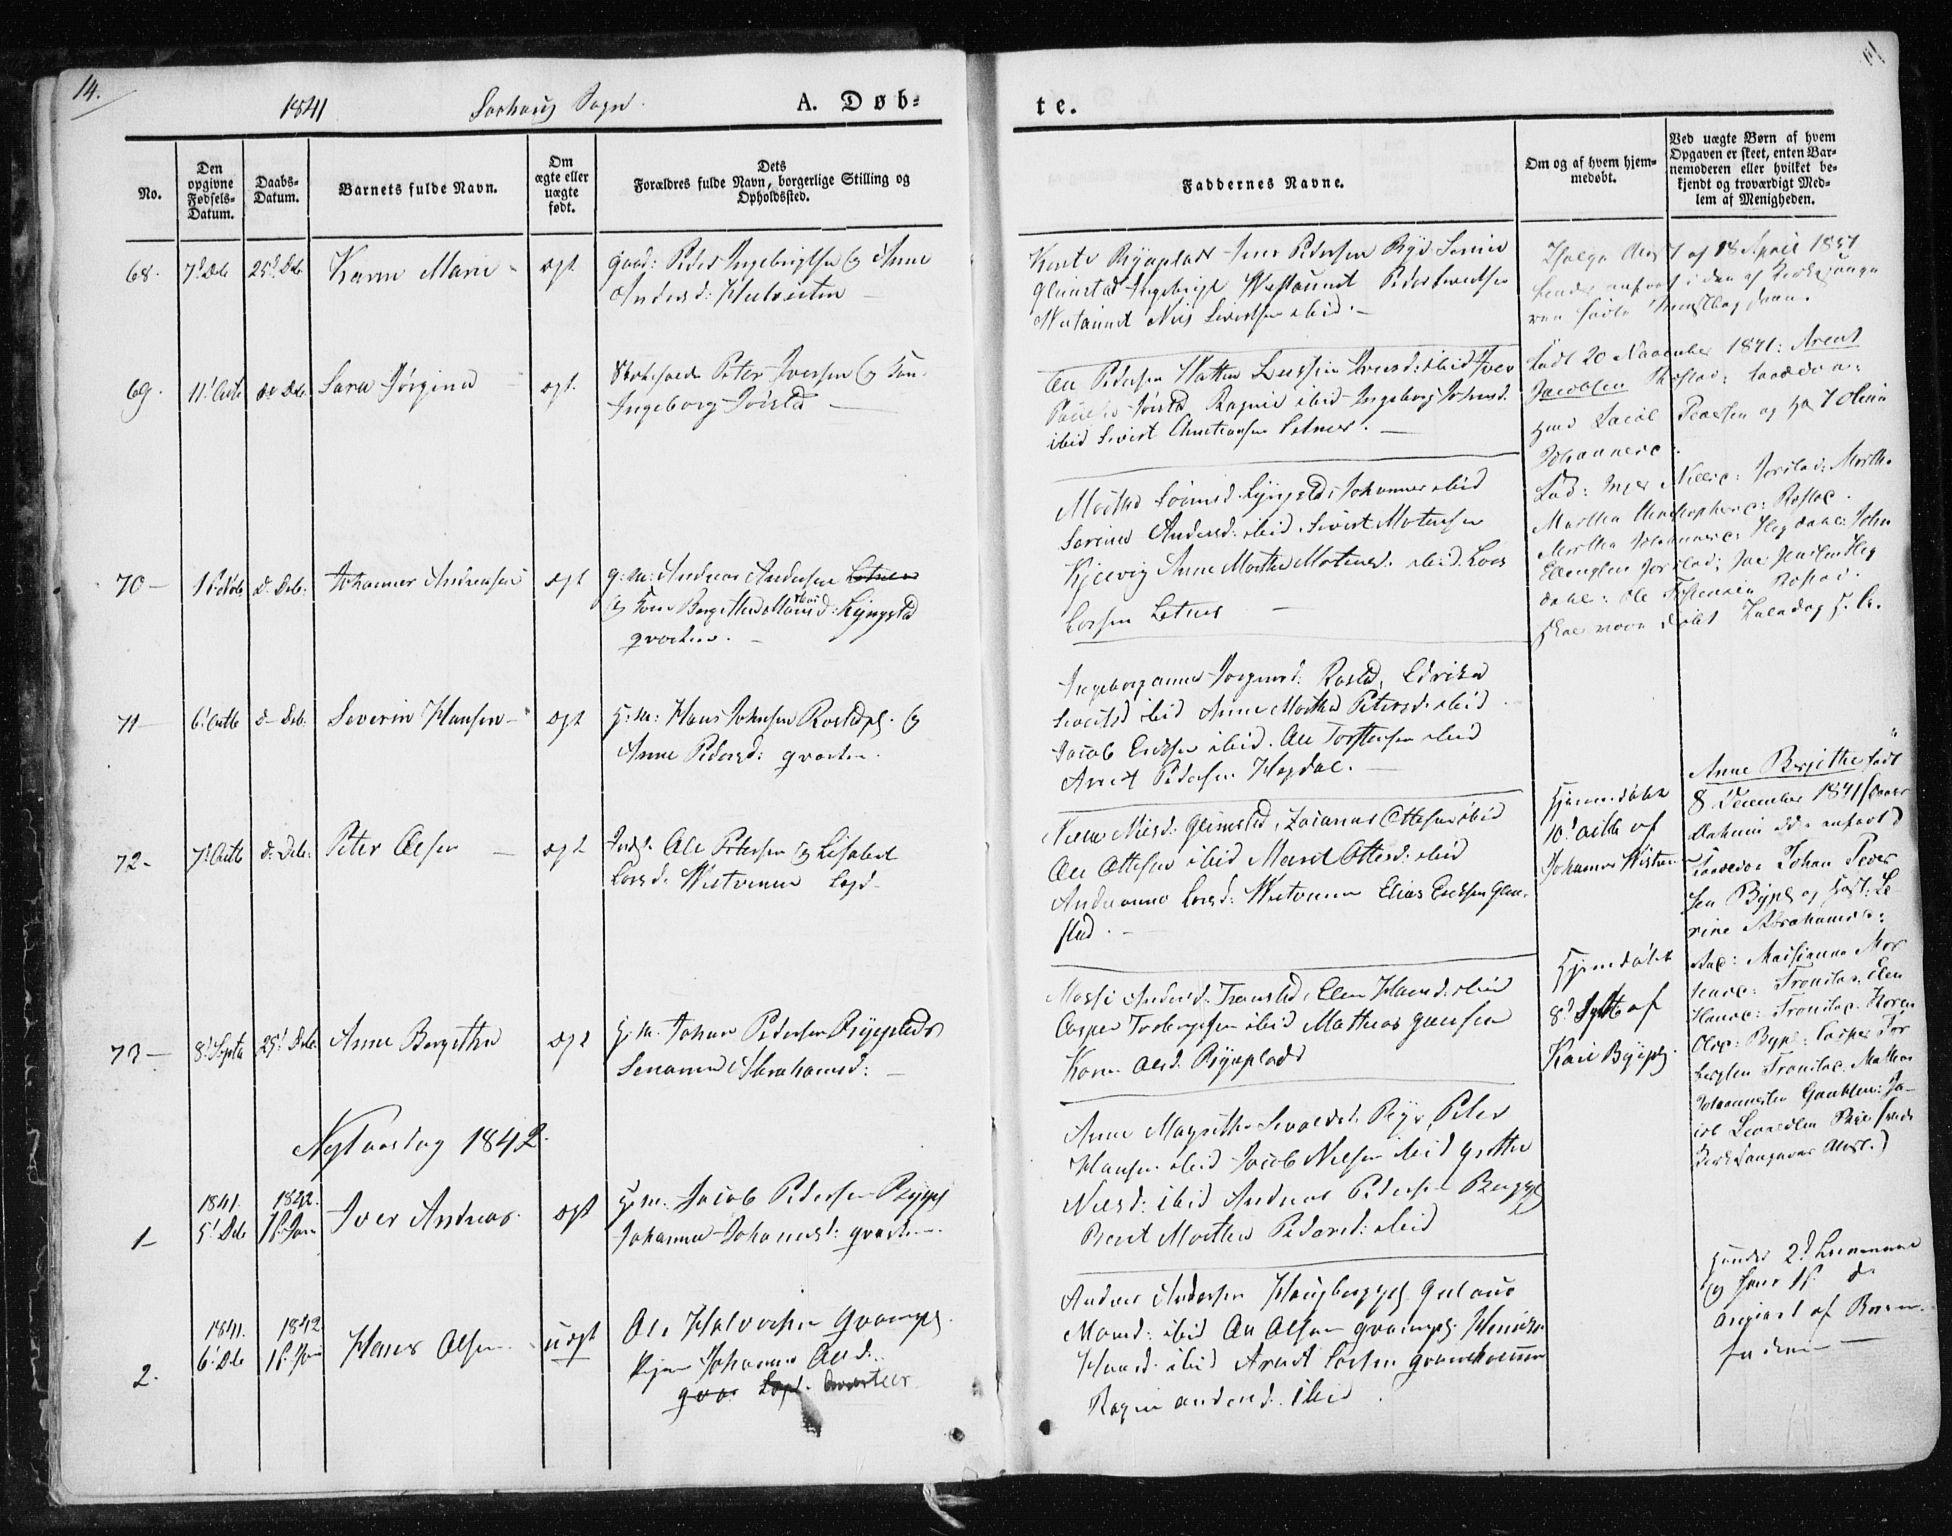 SAT, Ministerialprotokoller, klokkerbøker og fødselsregistre - Nord-Trøndelag, 730/L0280: Ministerialbok nr. 730A07 /1, 1840-1854, s. 14